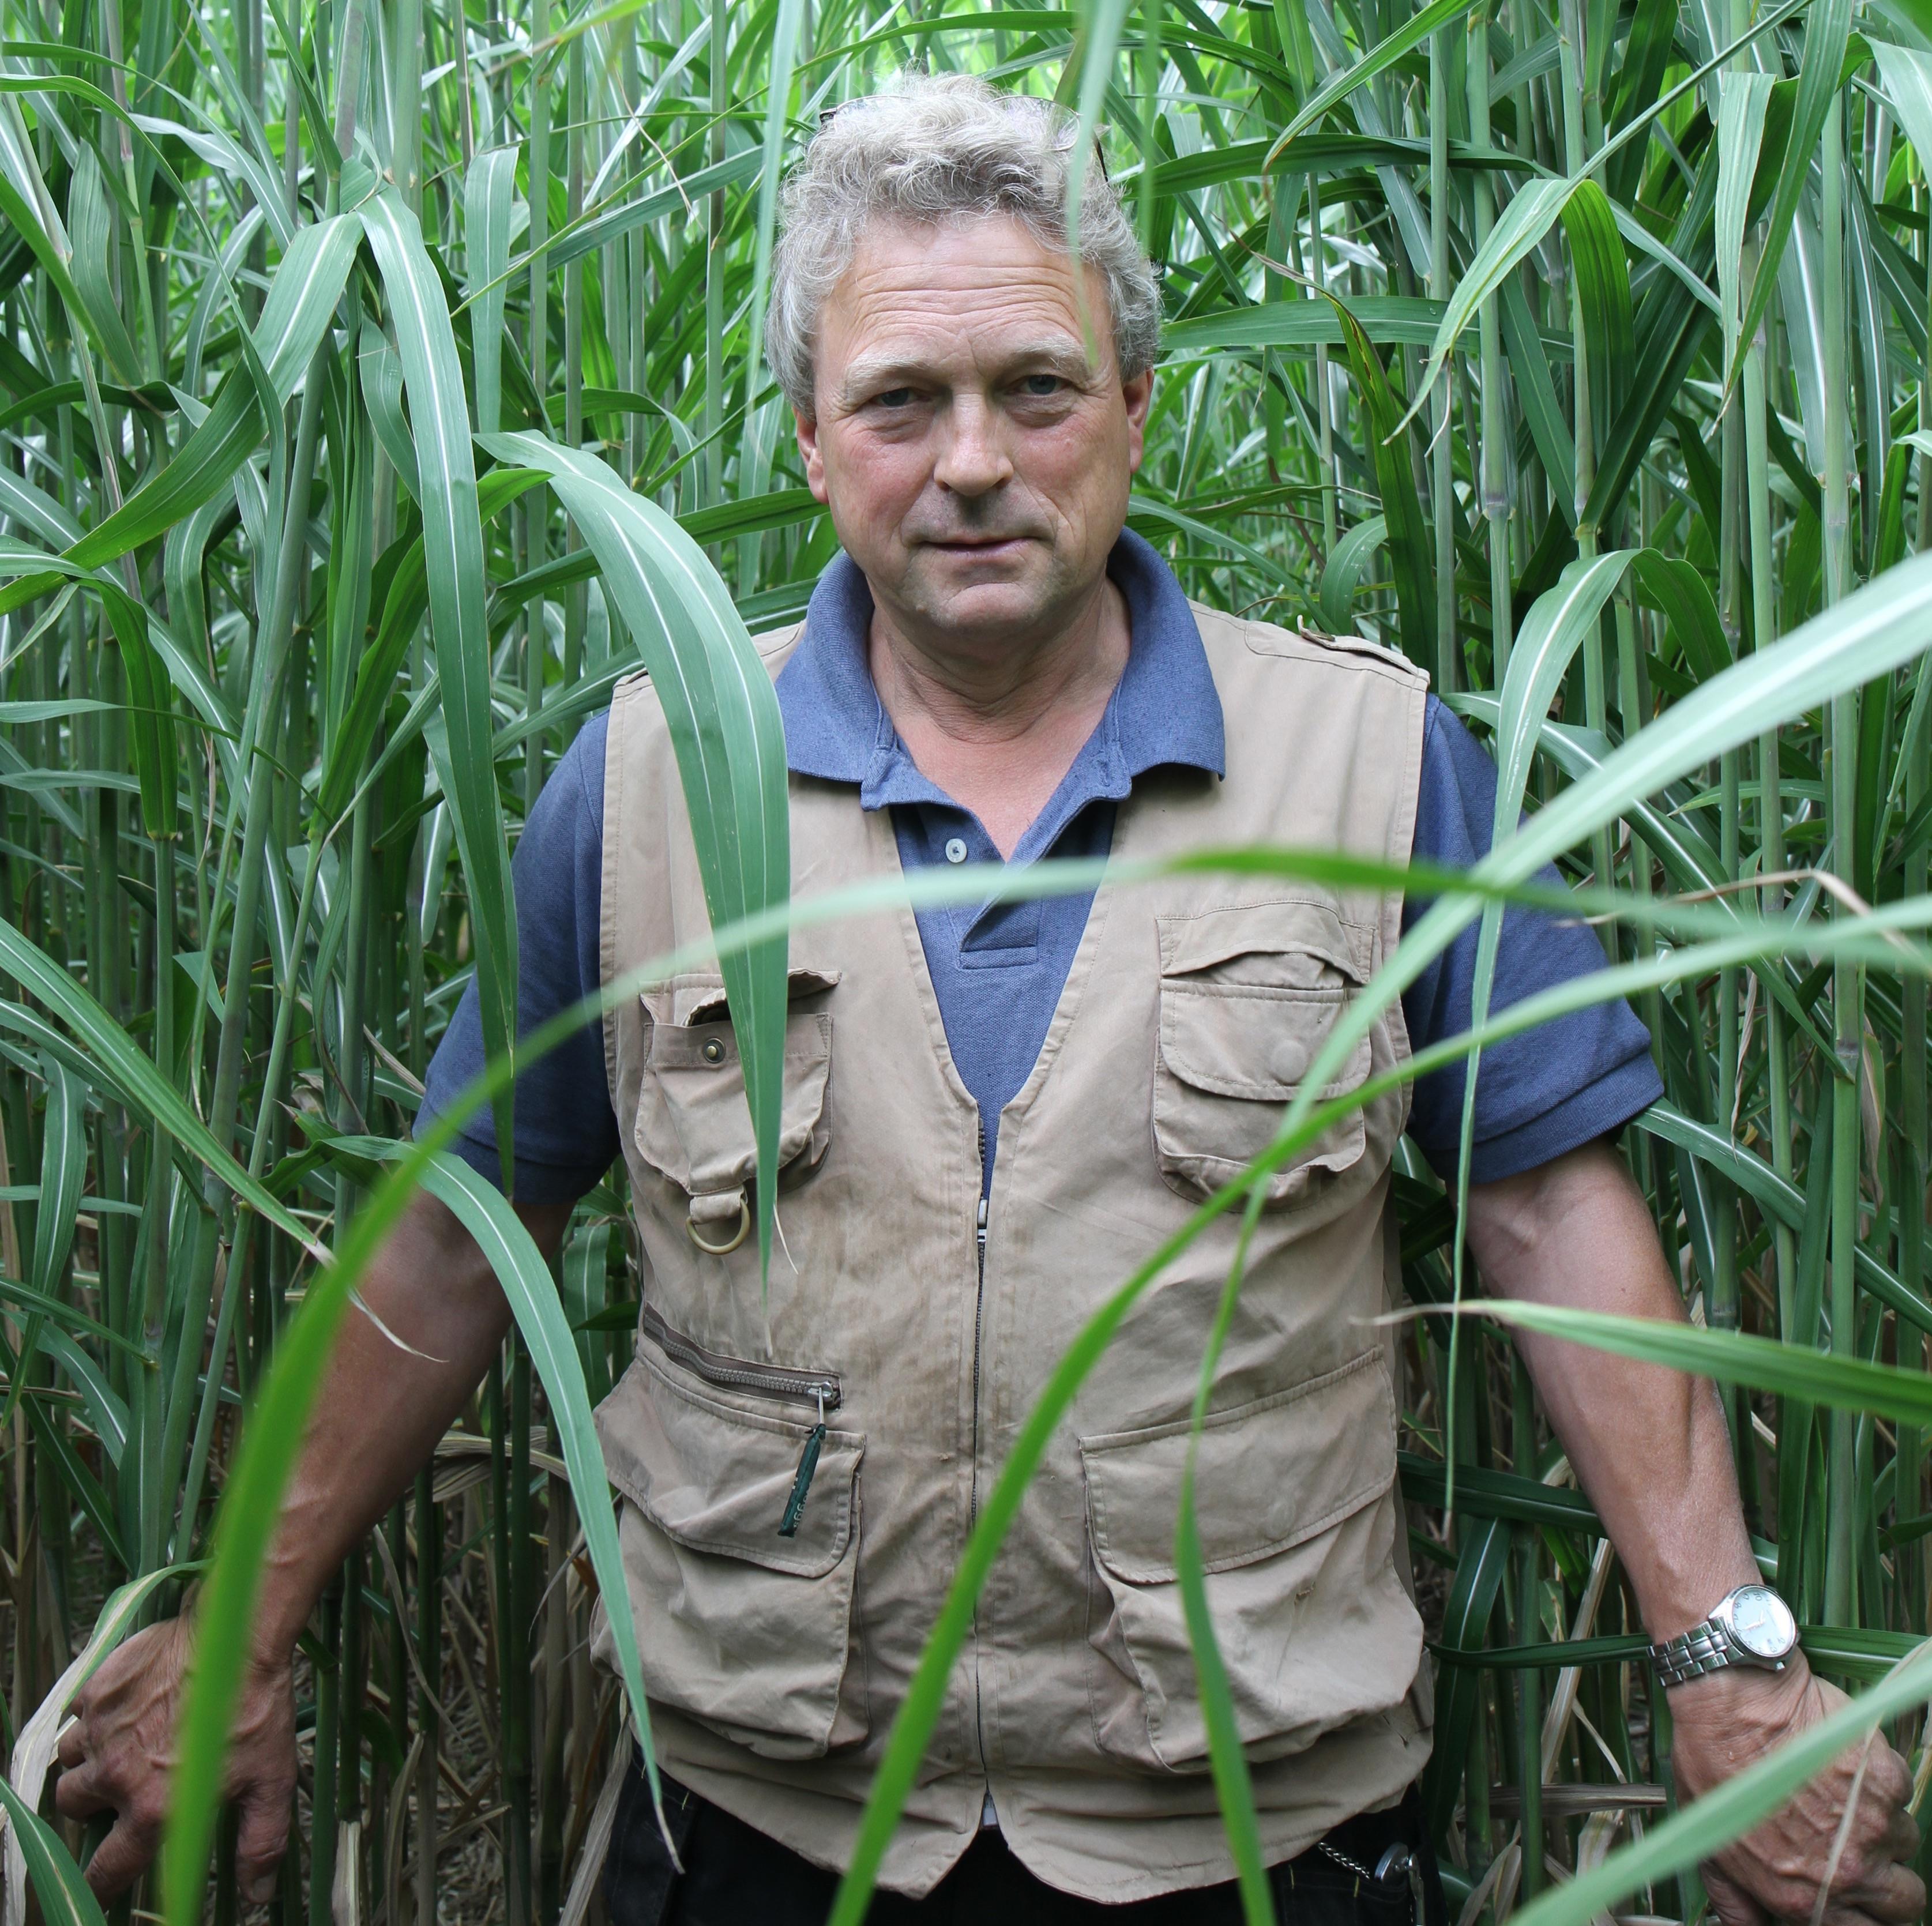 Norfolk farmer showcases miscanthus crop thriving on barren land